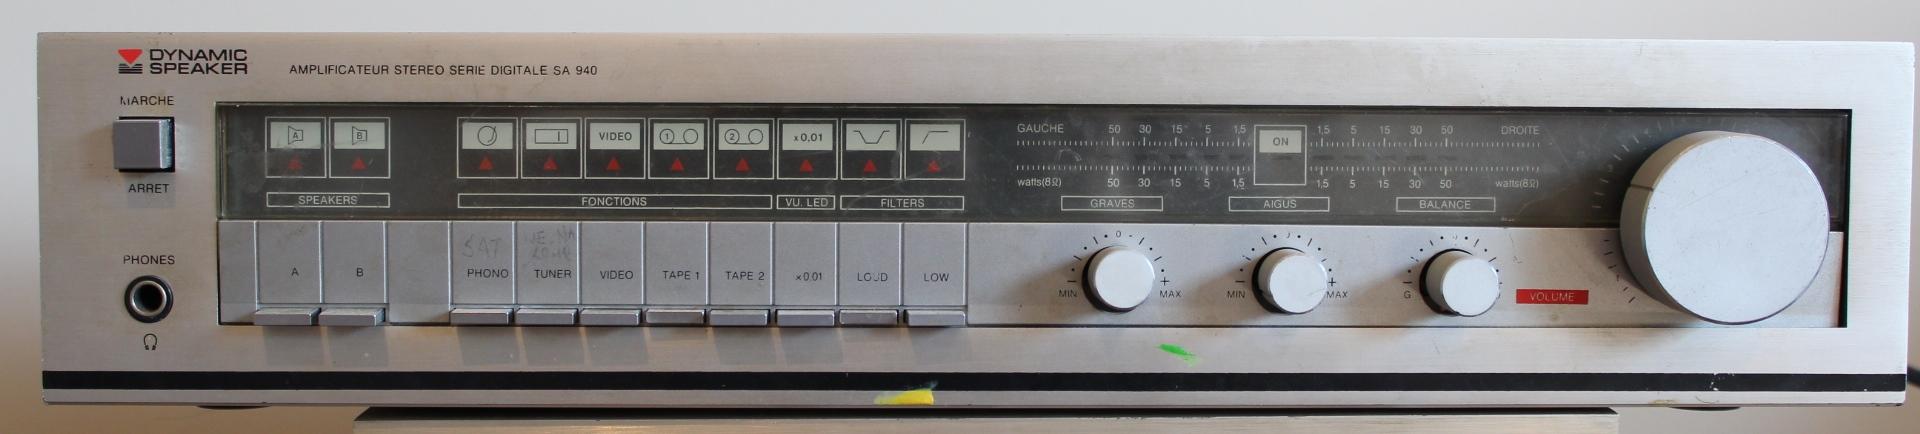 Wzmacniacz dynamic speaker SA940 odchudzony WS432